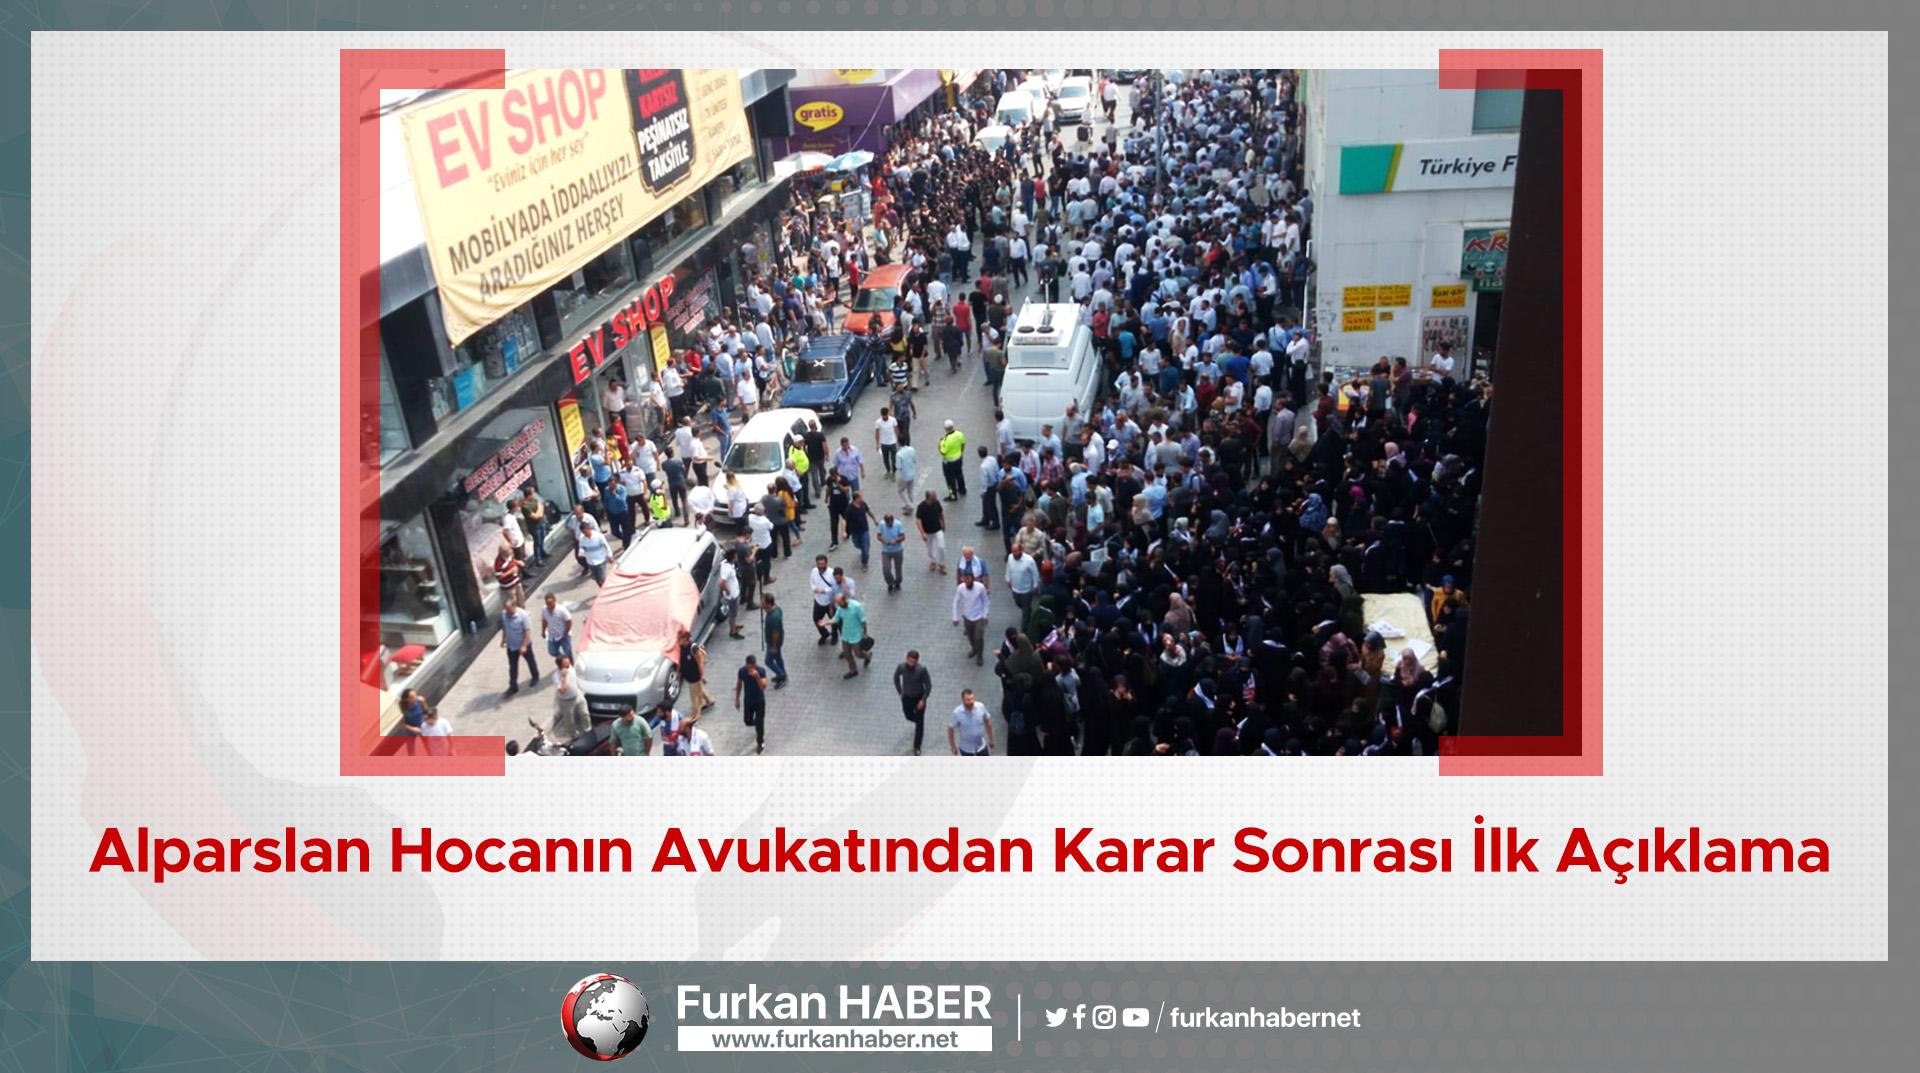 Alparslan Hocanın Avukatından Karar Sonrası İlk Açıklama